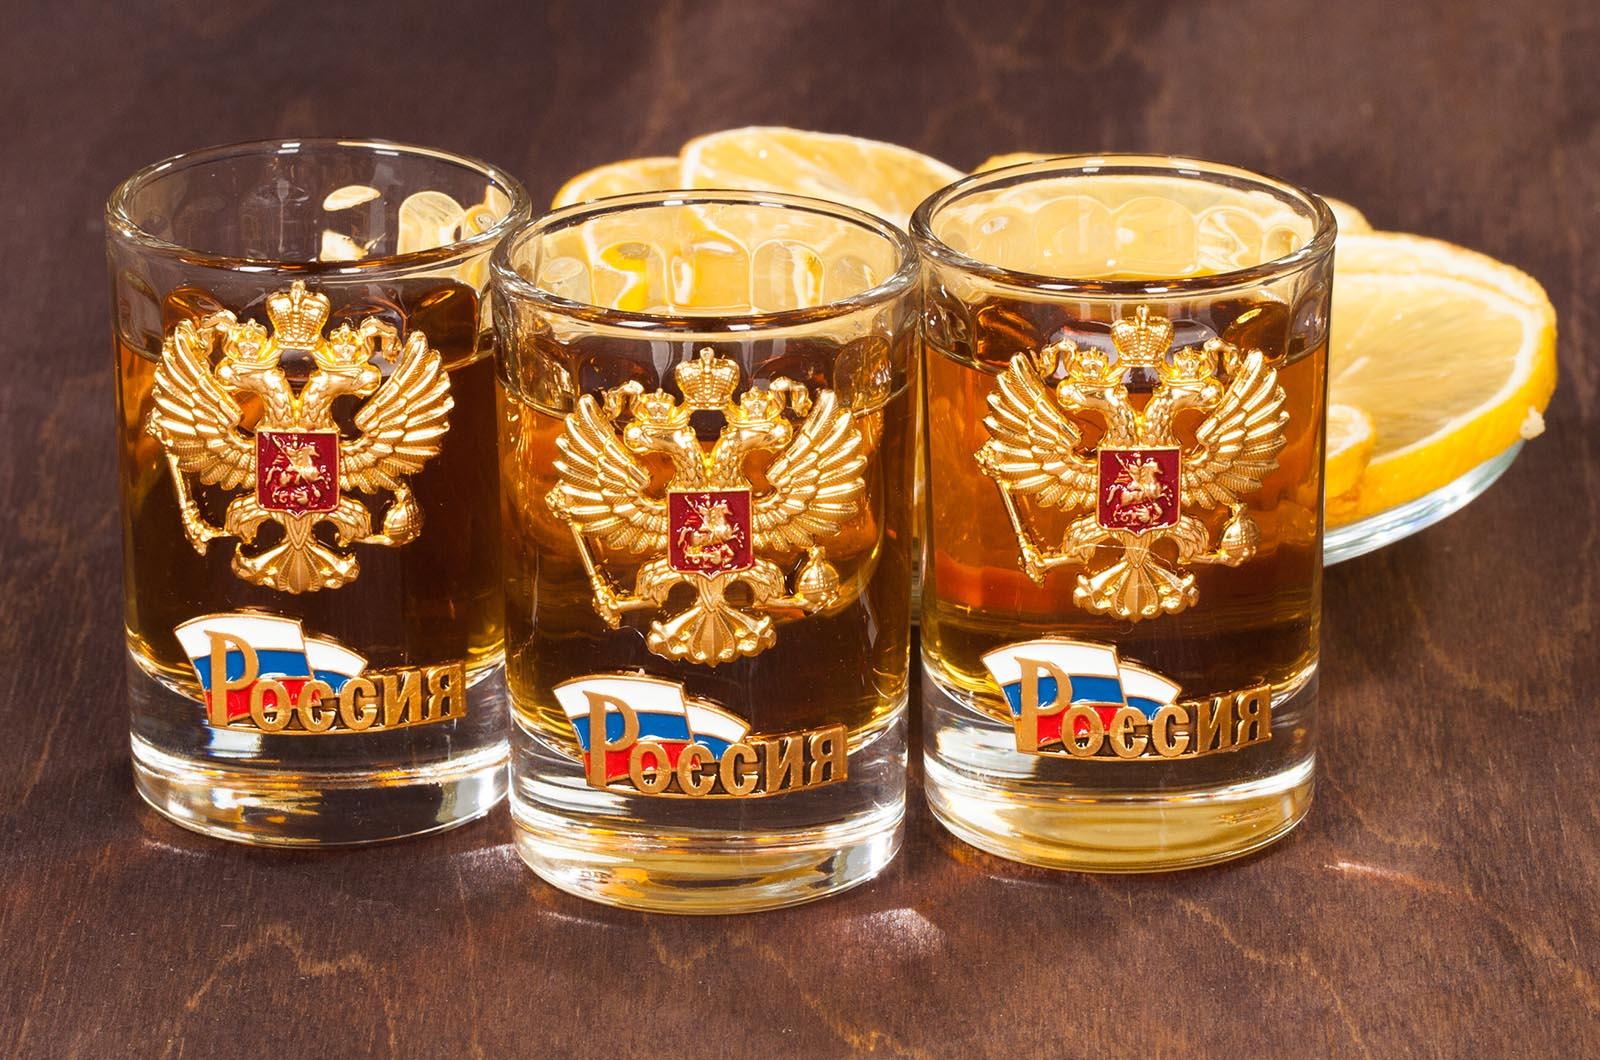 Водочные стопки с гербом России